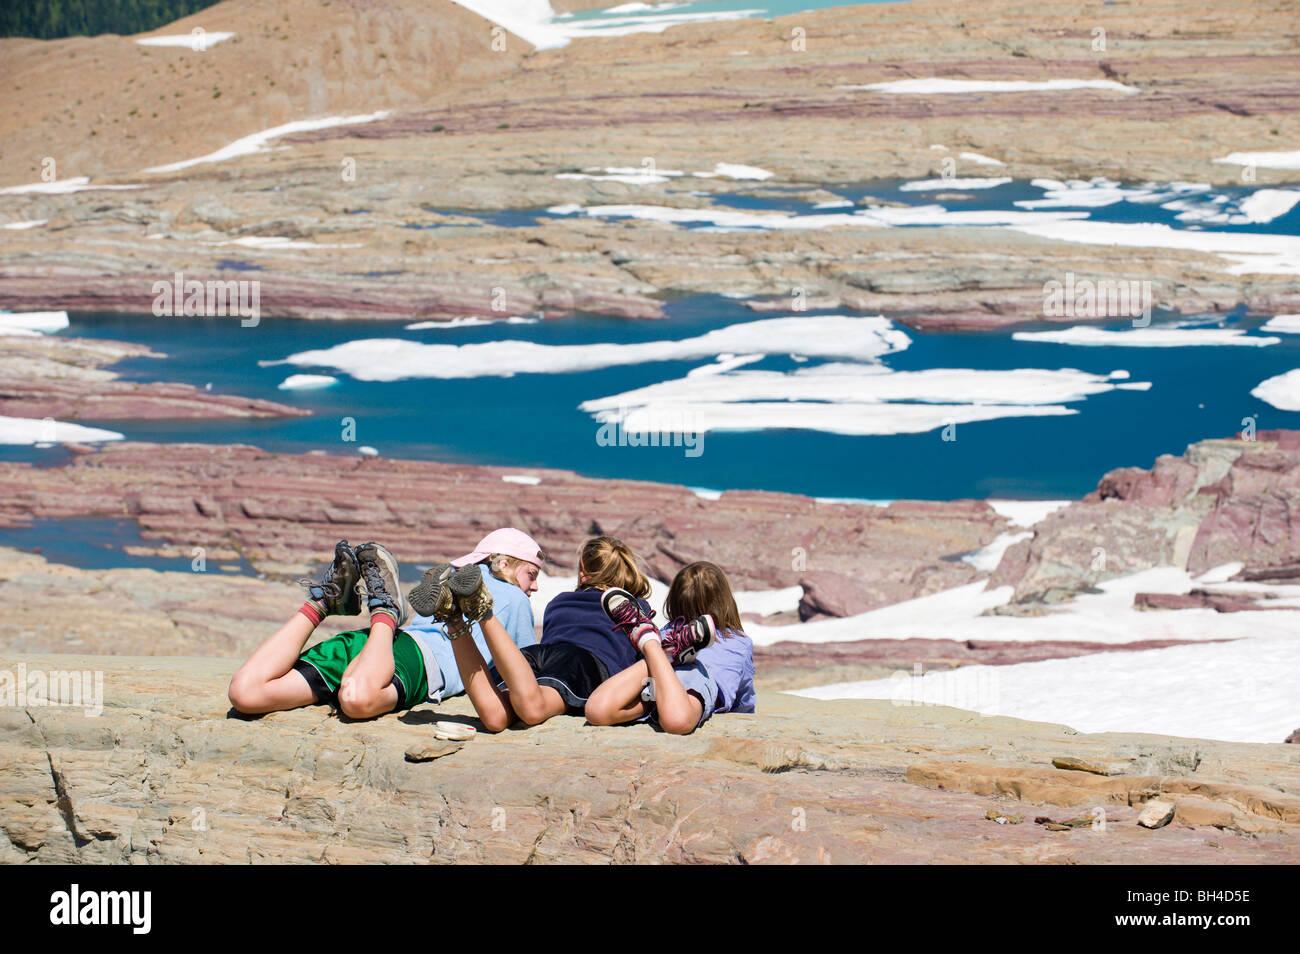 Tres niñas relajarse y tomar el sol con vistas a un lago glaciar en el parque nacional de Glacier, Montana. Imagen De Stock